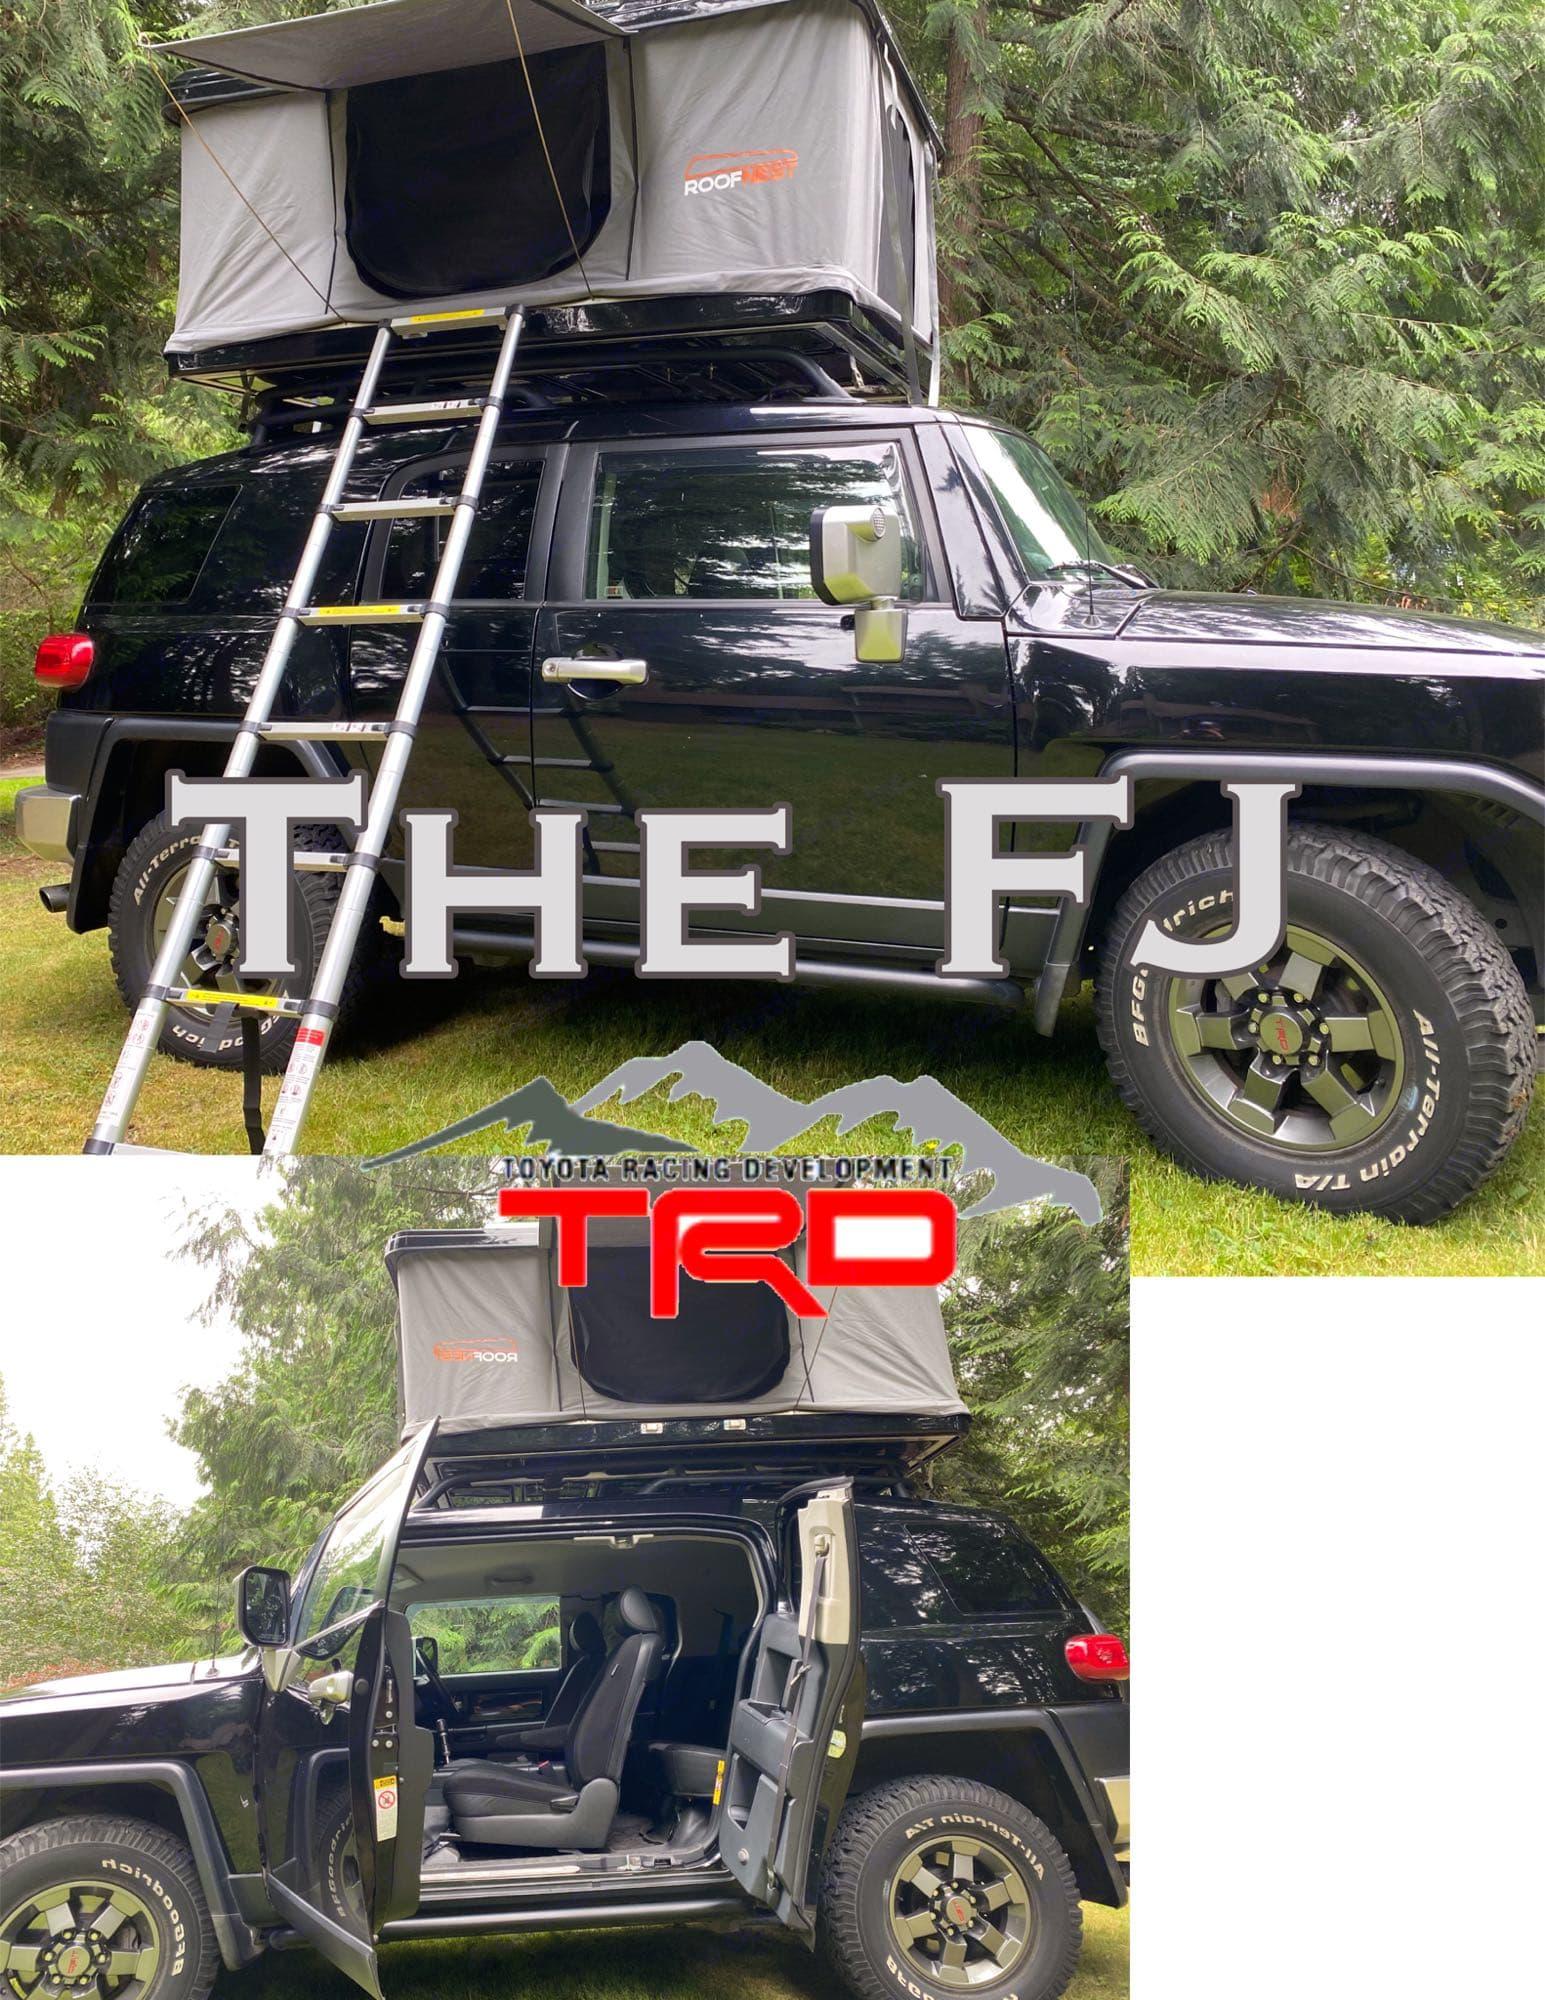 2007 FJ Cruiser TRD Off Road. Toyota Landcruiser 2007